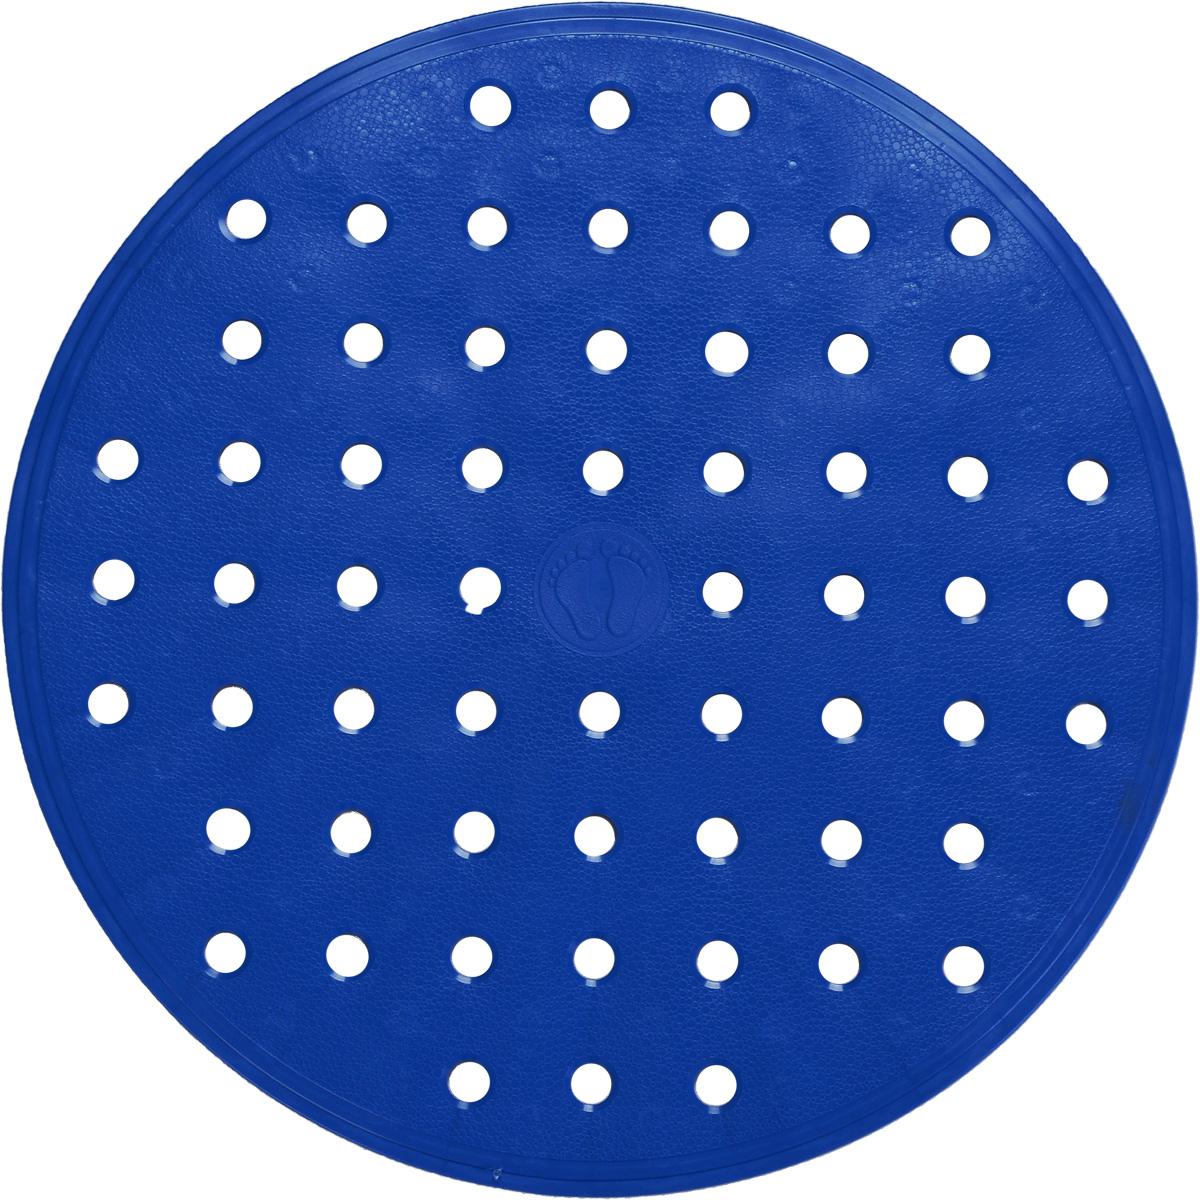 Коврик для ванной Ridder Action, противоскользящий, цвет: синий, диаметр 53 см коврик для ванной ridder park противоскользящий на присосках цвет бежевый 54 х 54 см